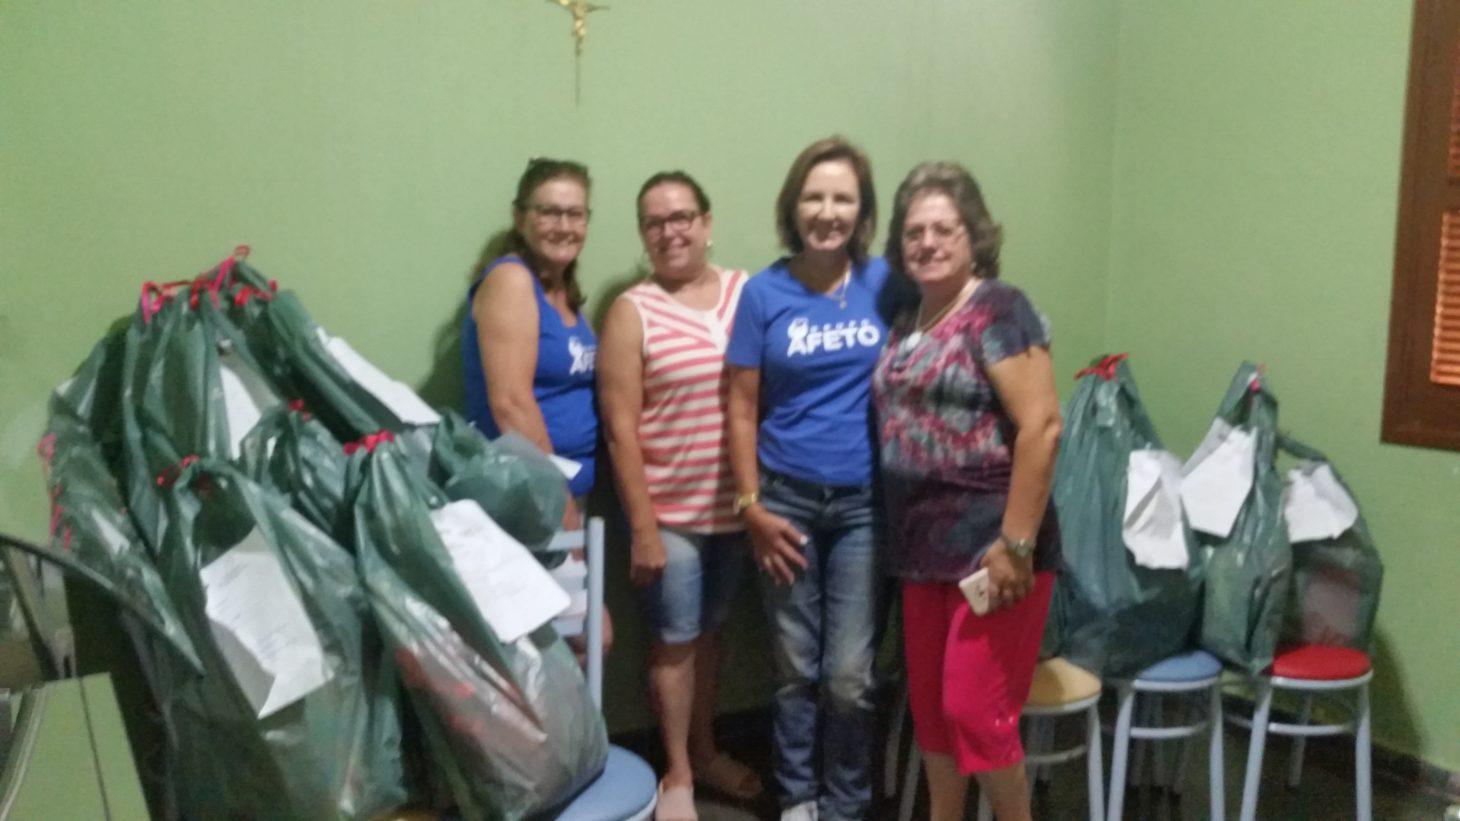 Entrega de sacolinhas de brinquedos, roupas e sapatos doados pelas integrantes do Grupo para a festa de natal das crianças da associação Maria de Magdala